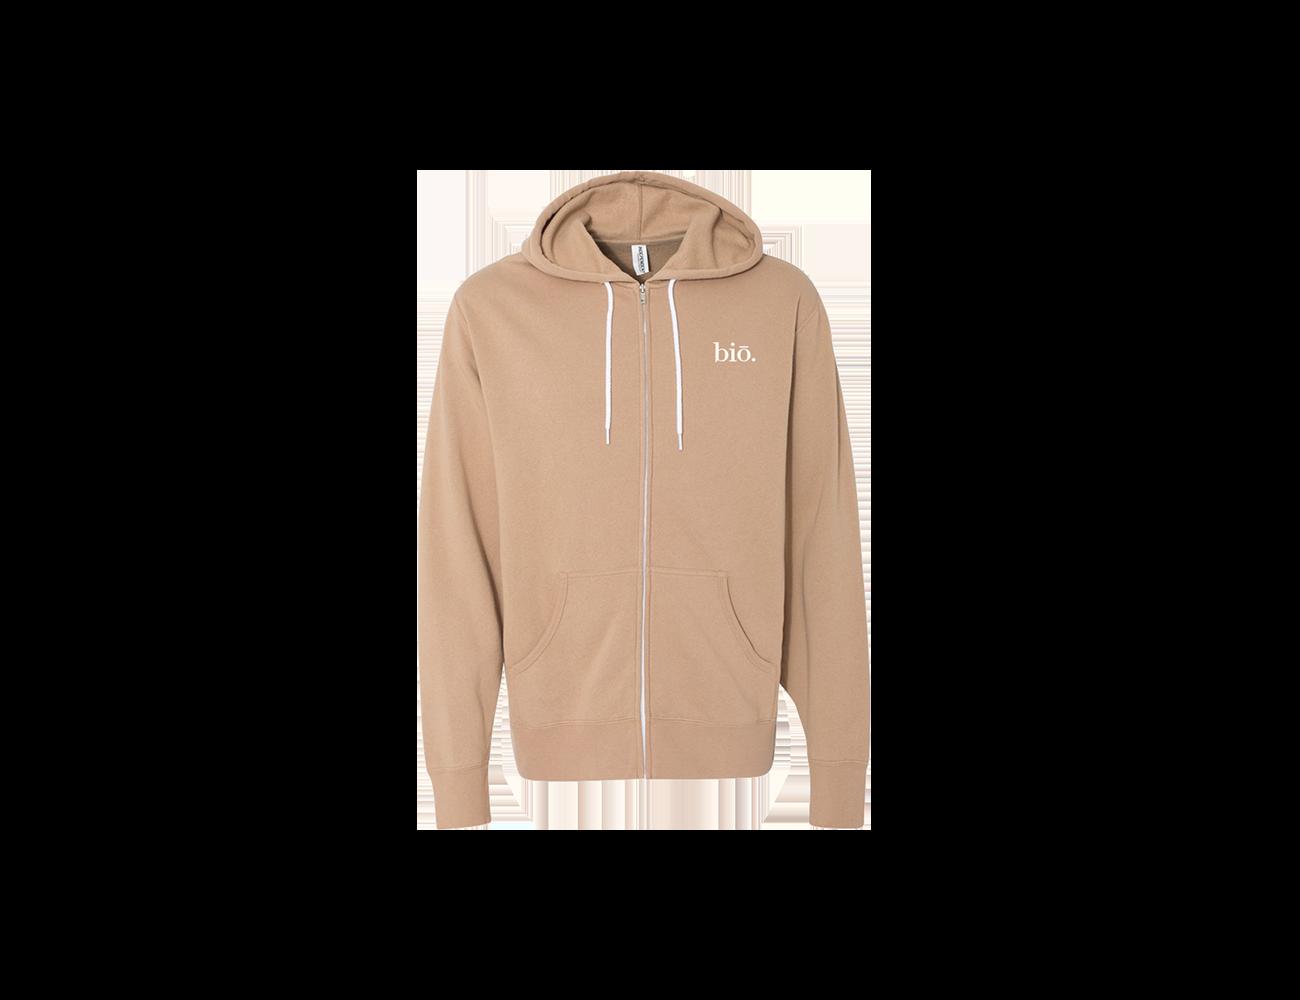 bio zippered hoodie